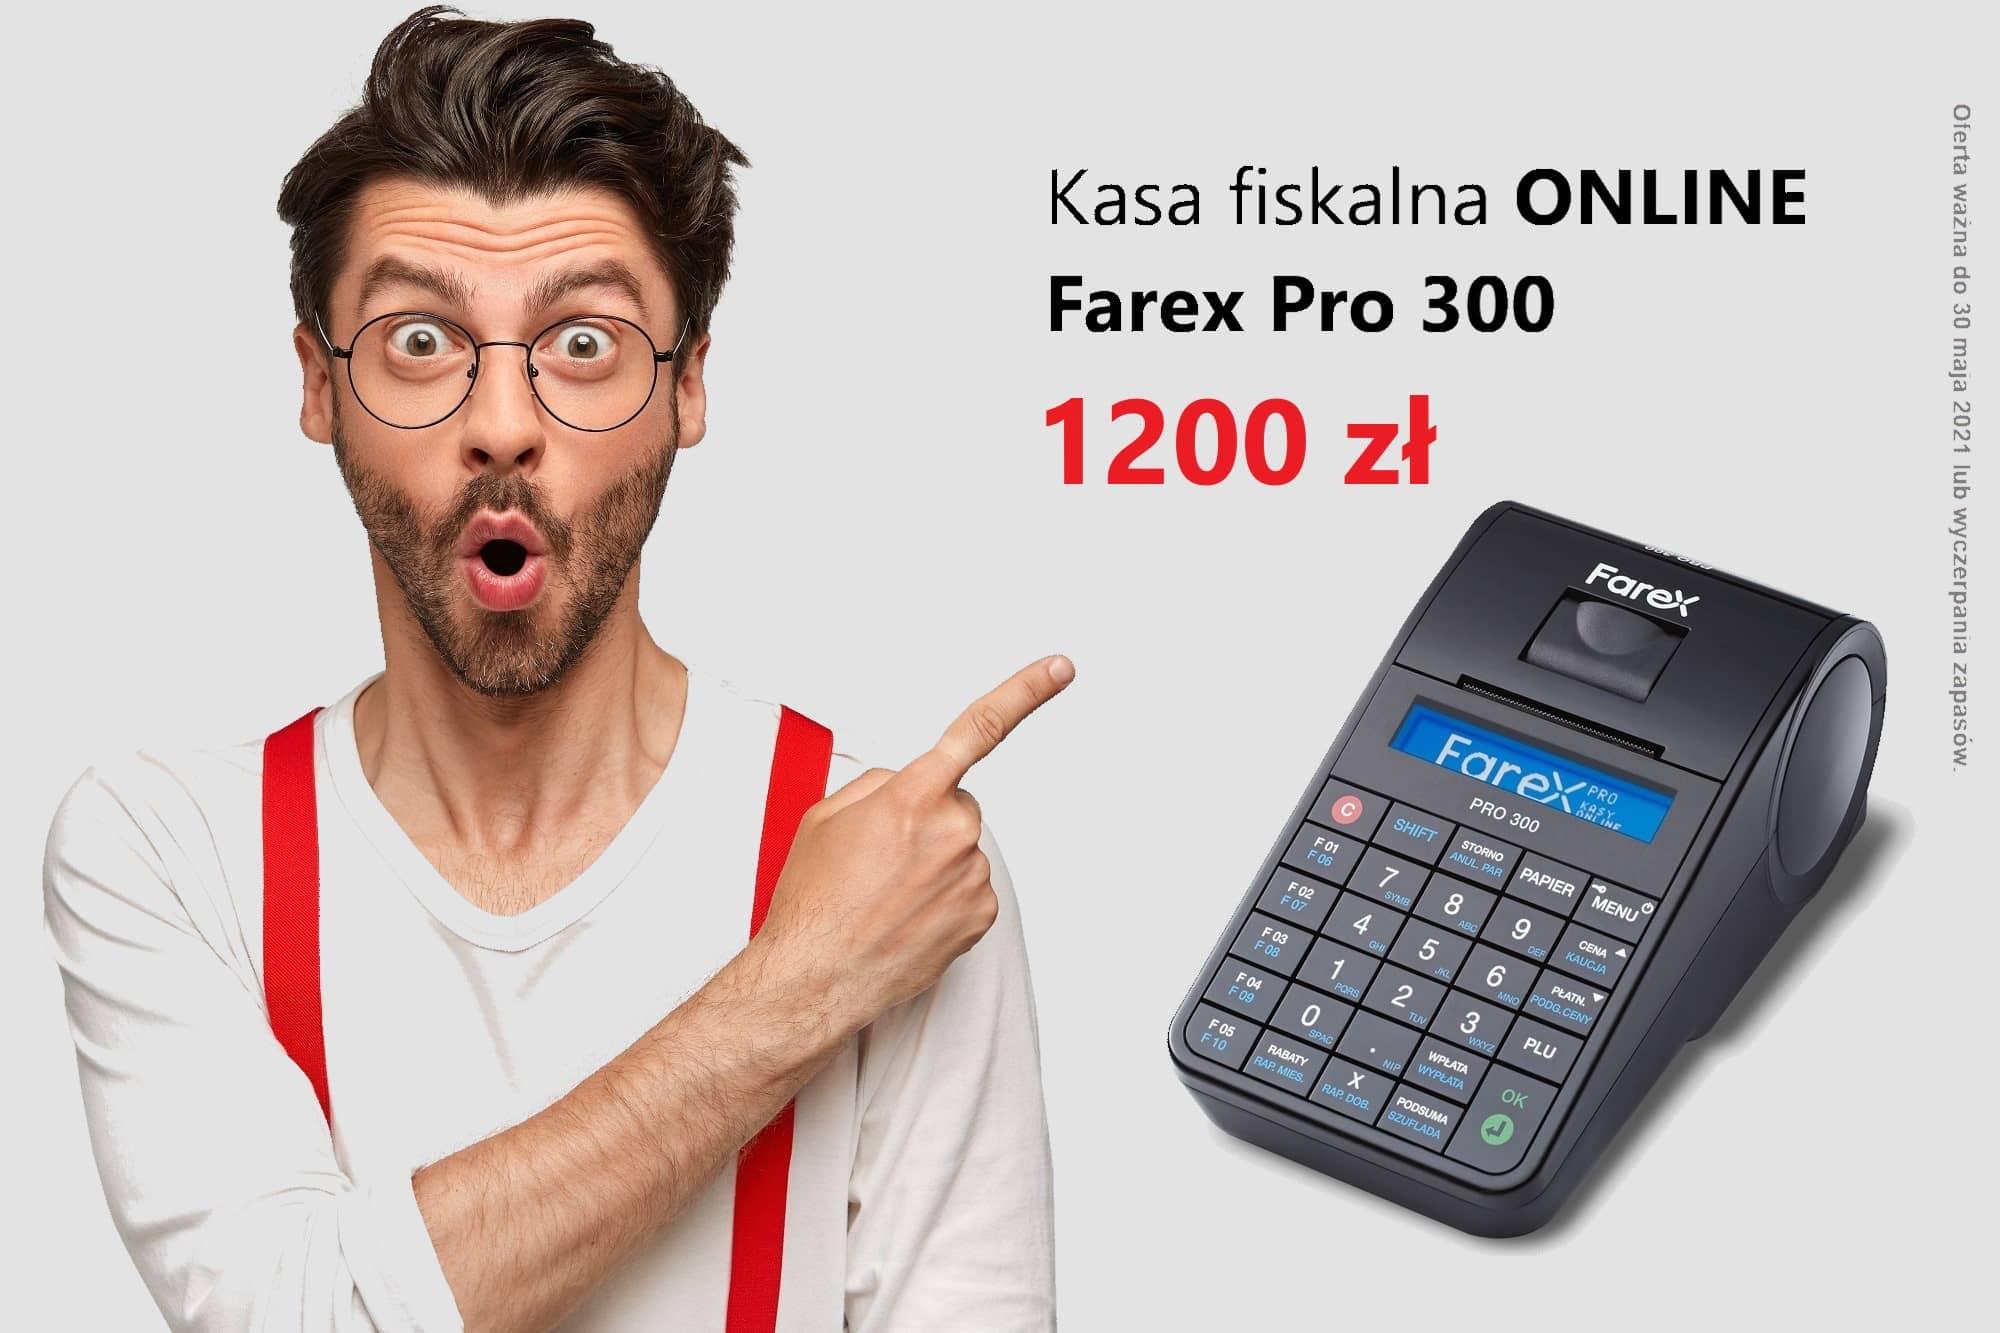 Kasa fiskalna Farex PRO 300 już za 1200 złotych